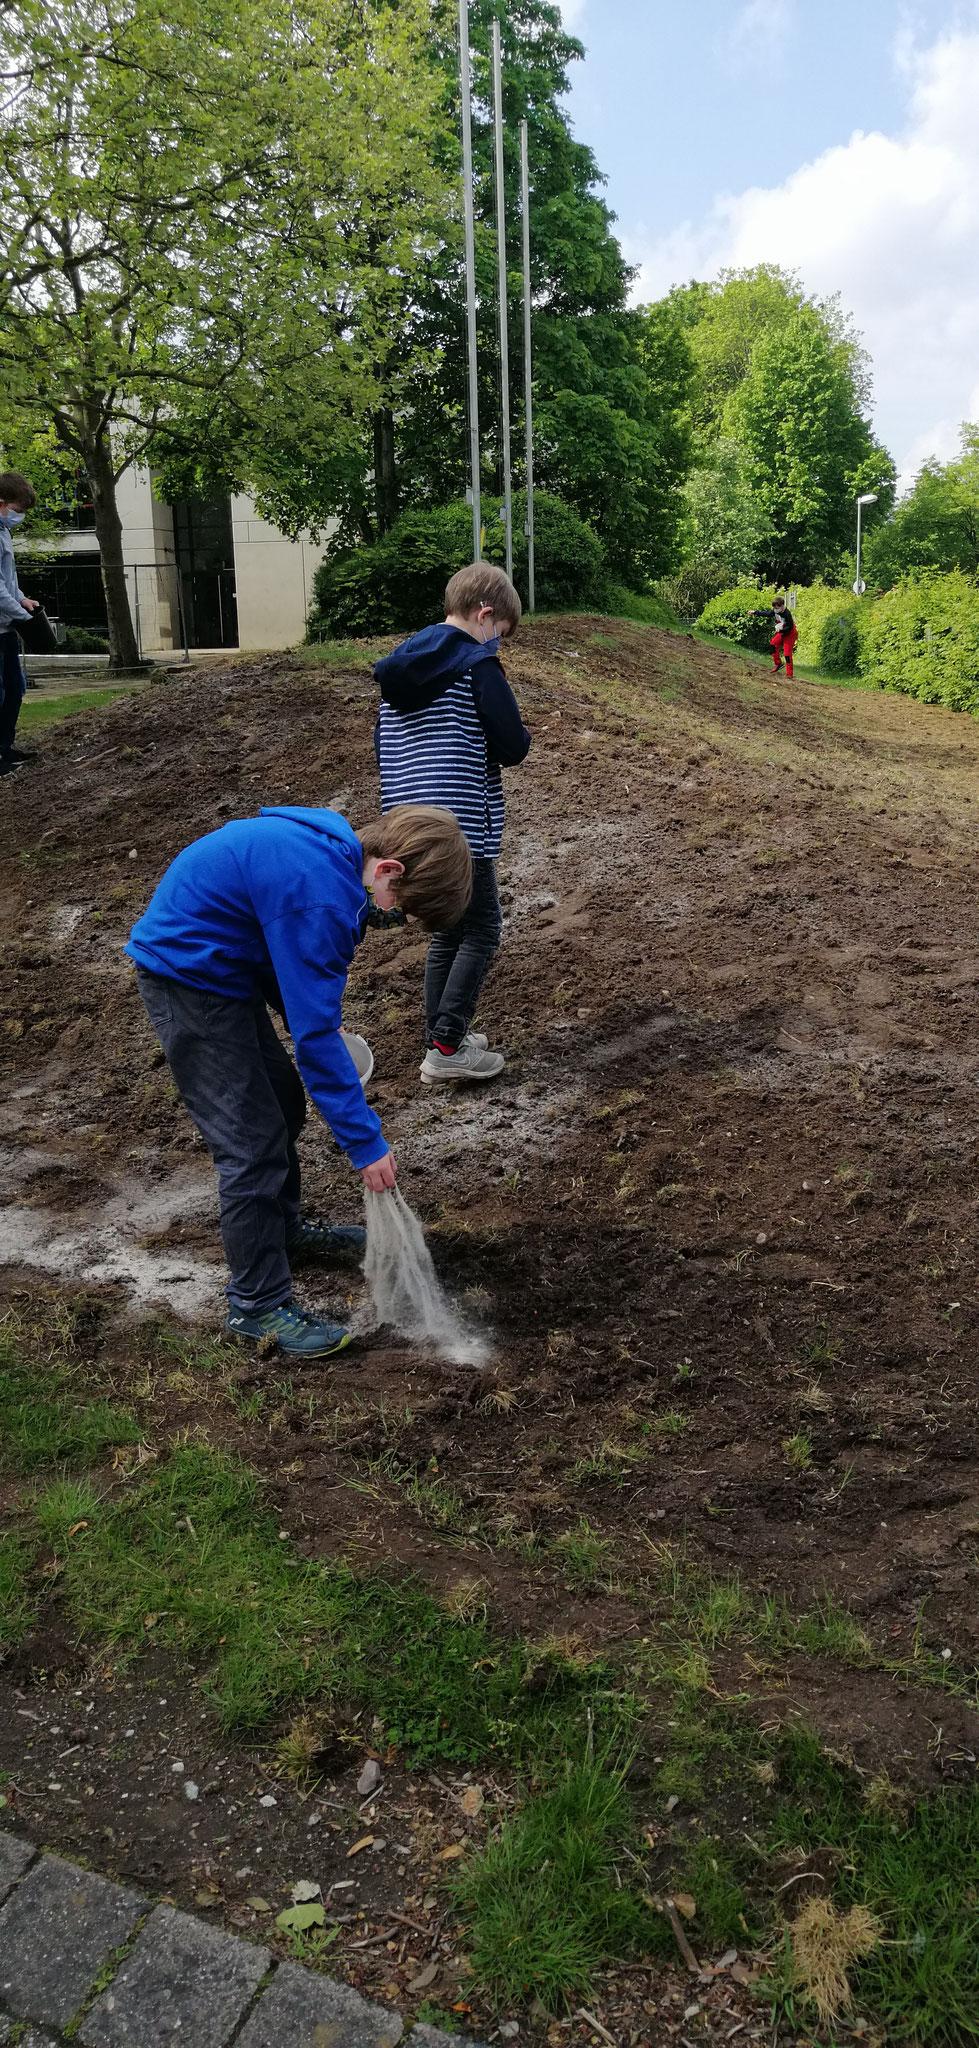 Die Saat war mit Sand vermischt, damit die Körner mit genügend Abstand gesät werden konnten.